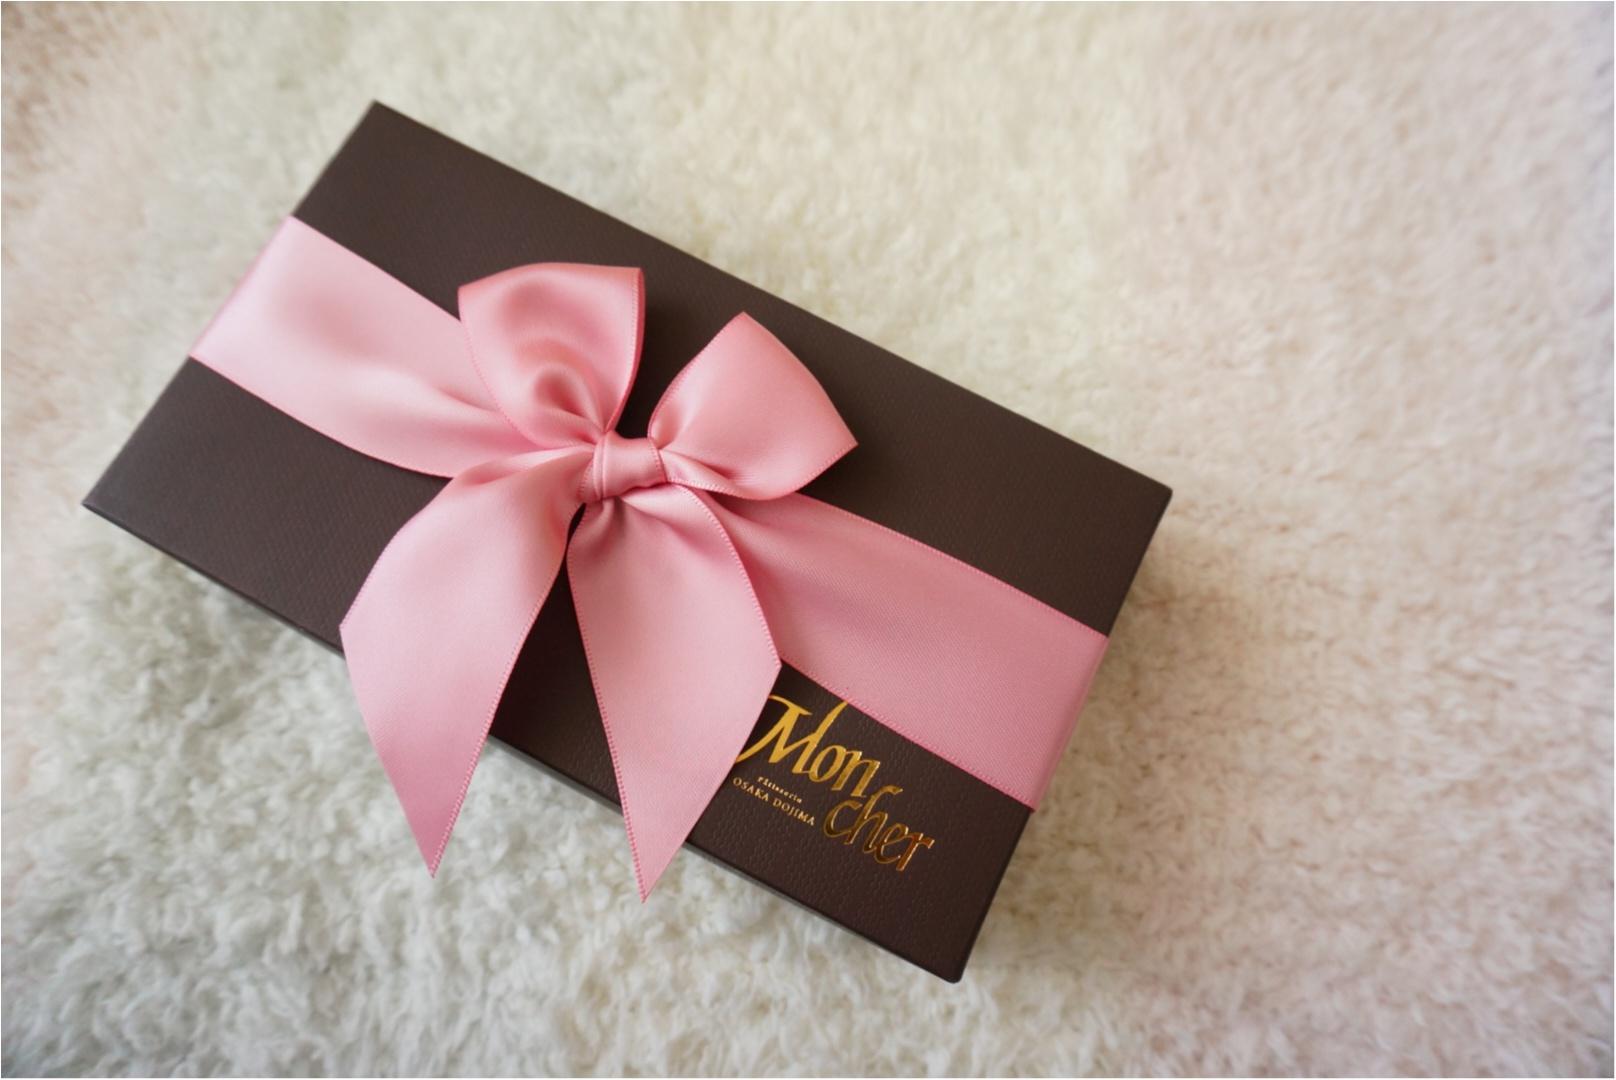 【本日スタート!】バレンタインチョコの宝庫❤️《アムール・デュ・ショコラ》混まずに見られる穴場はここだっ_5